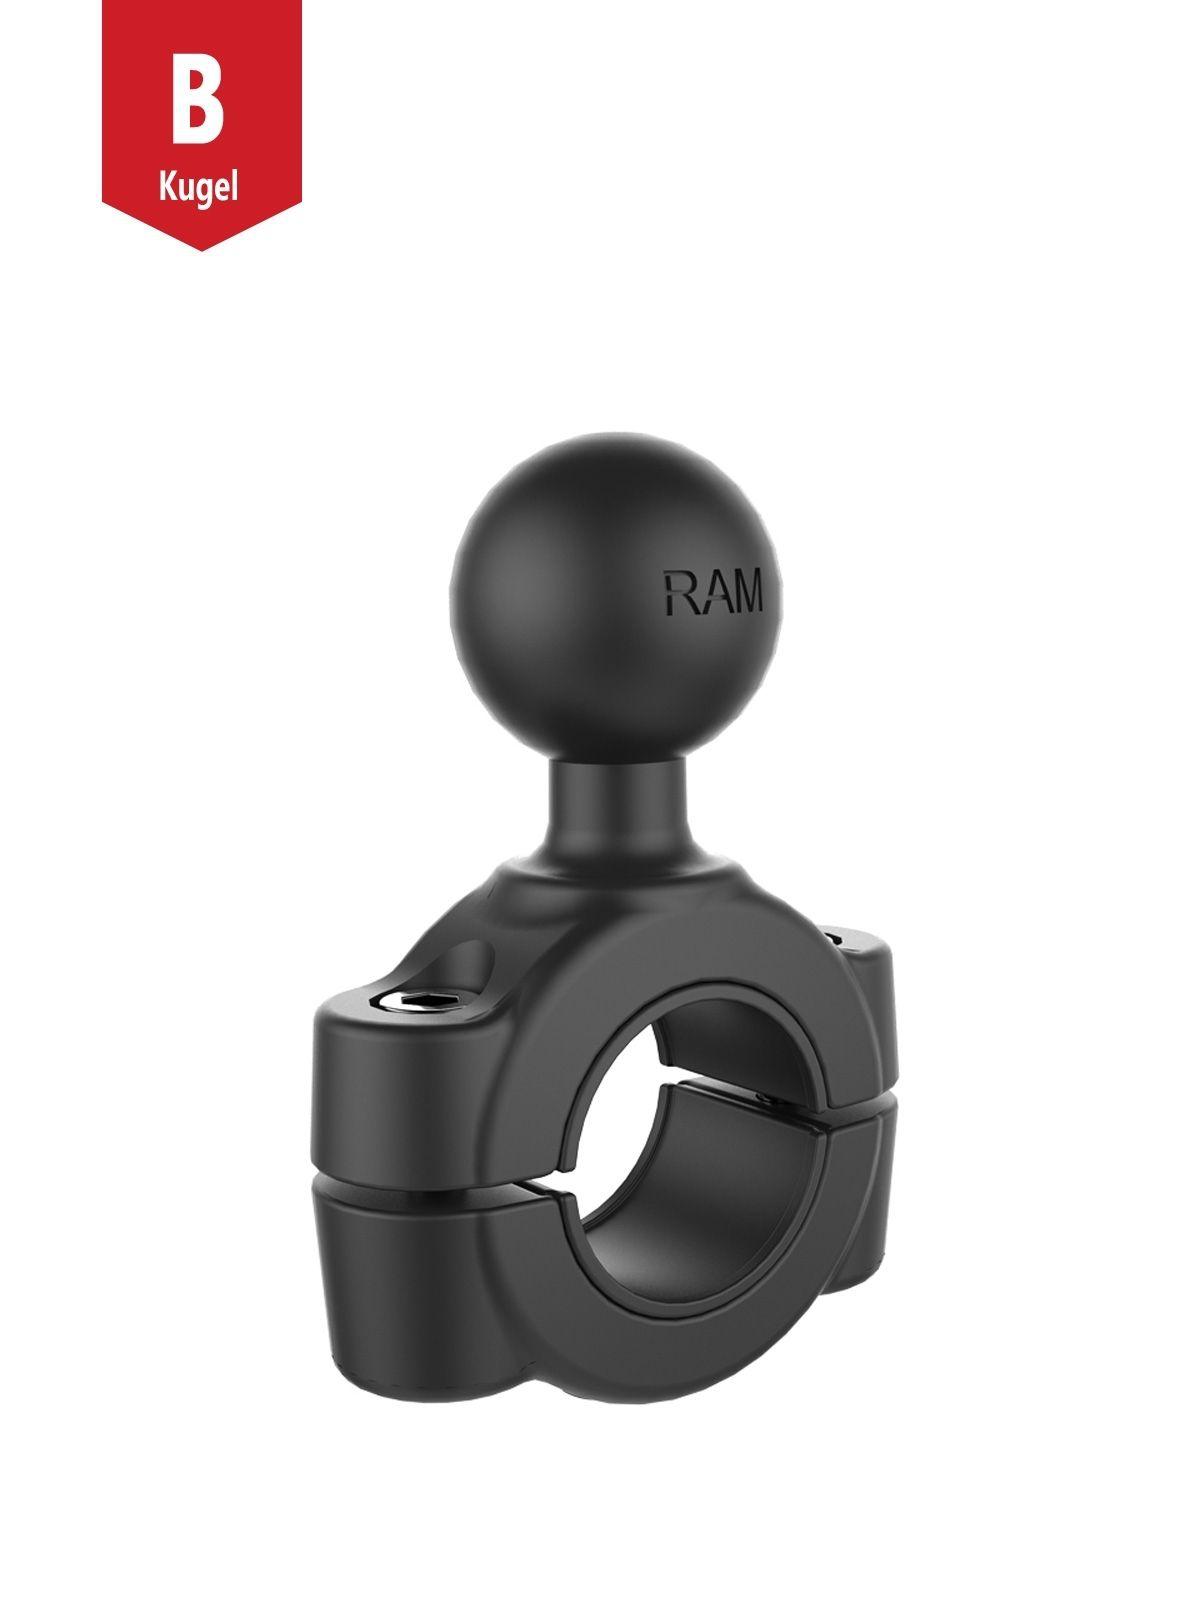 RAM Mounts Torque Rohrschelle - für 19,1-25,4 mm Durchmesser, B-Kugel (1 Zoll), im Polybeutel